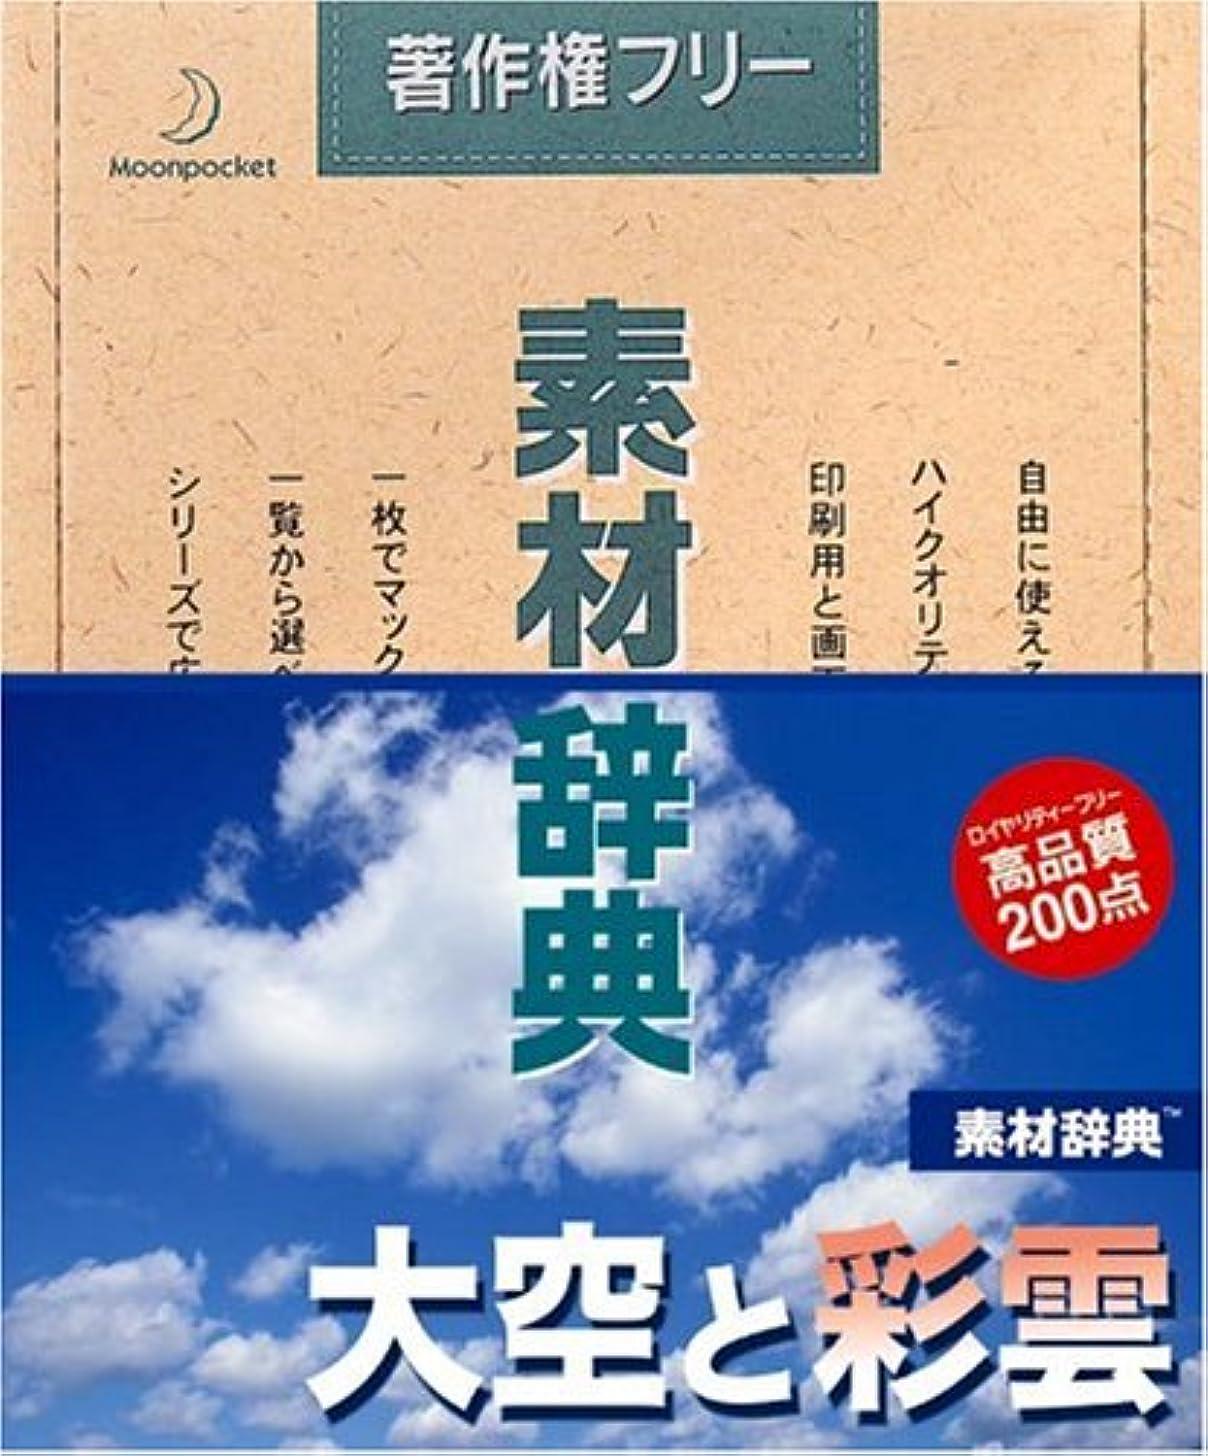 芝生アーサーリフト素材辞典 Vol.100 大空と彩雲編